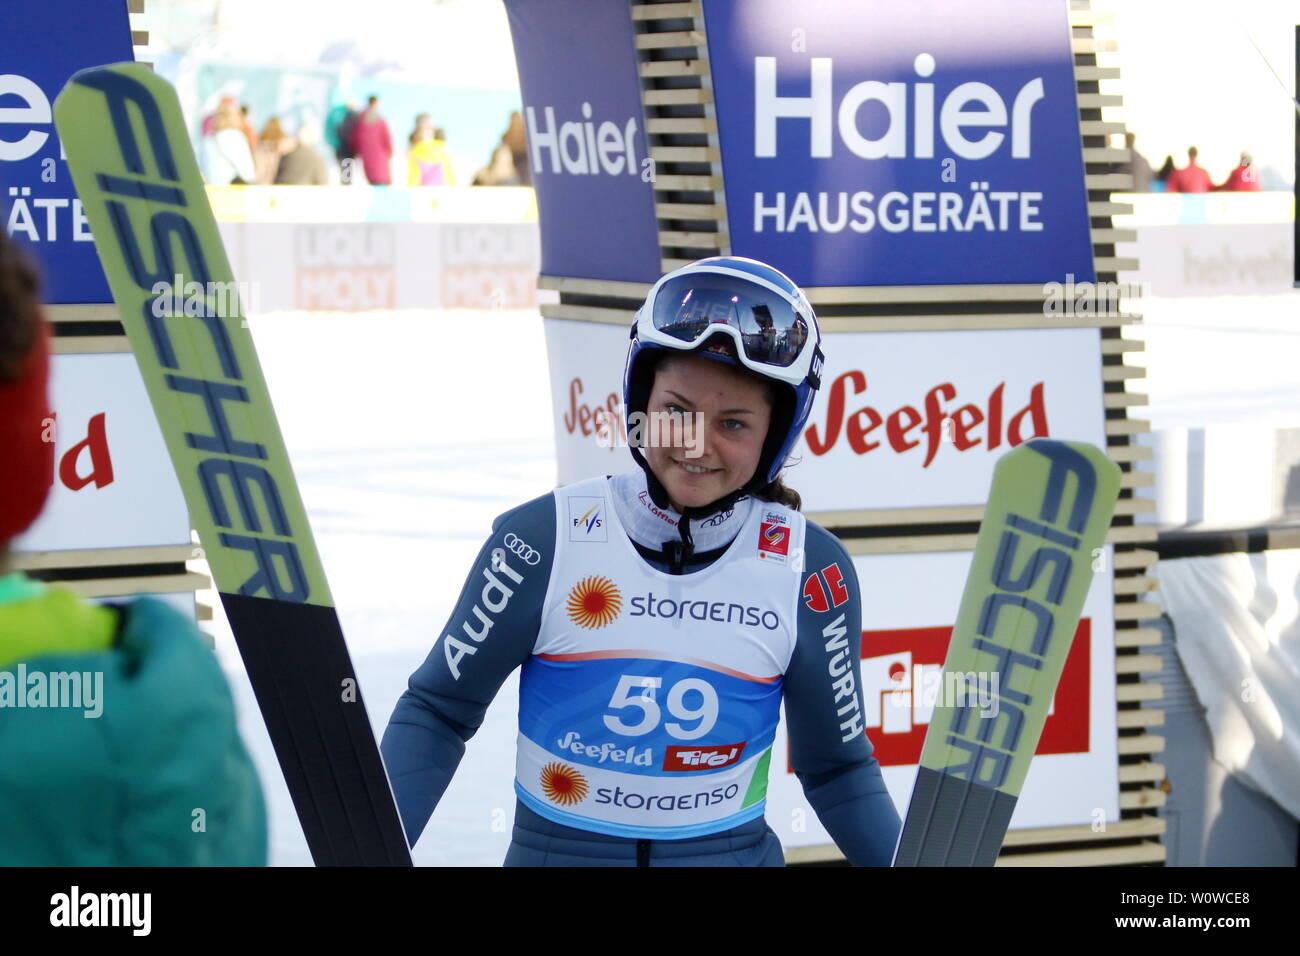 Carina Vogt (SC Degenfeld) nach dem Training Frauen Skispringen, FIS Nordische Ski-WM 2019 in Seefeld Stock Photo